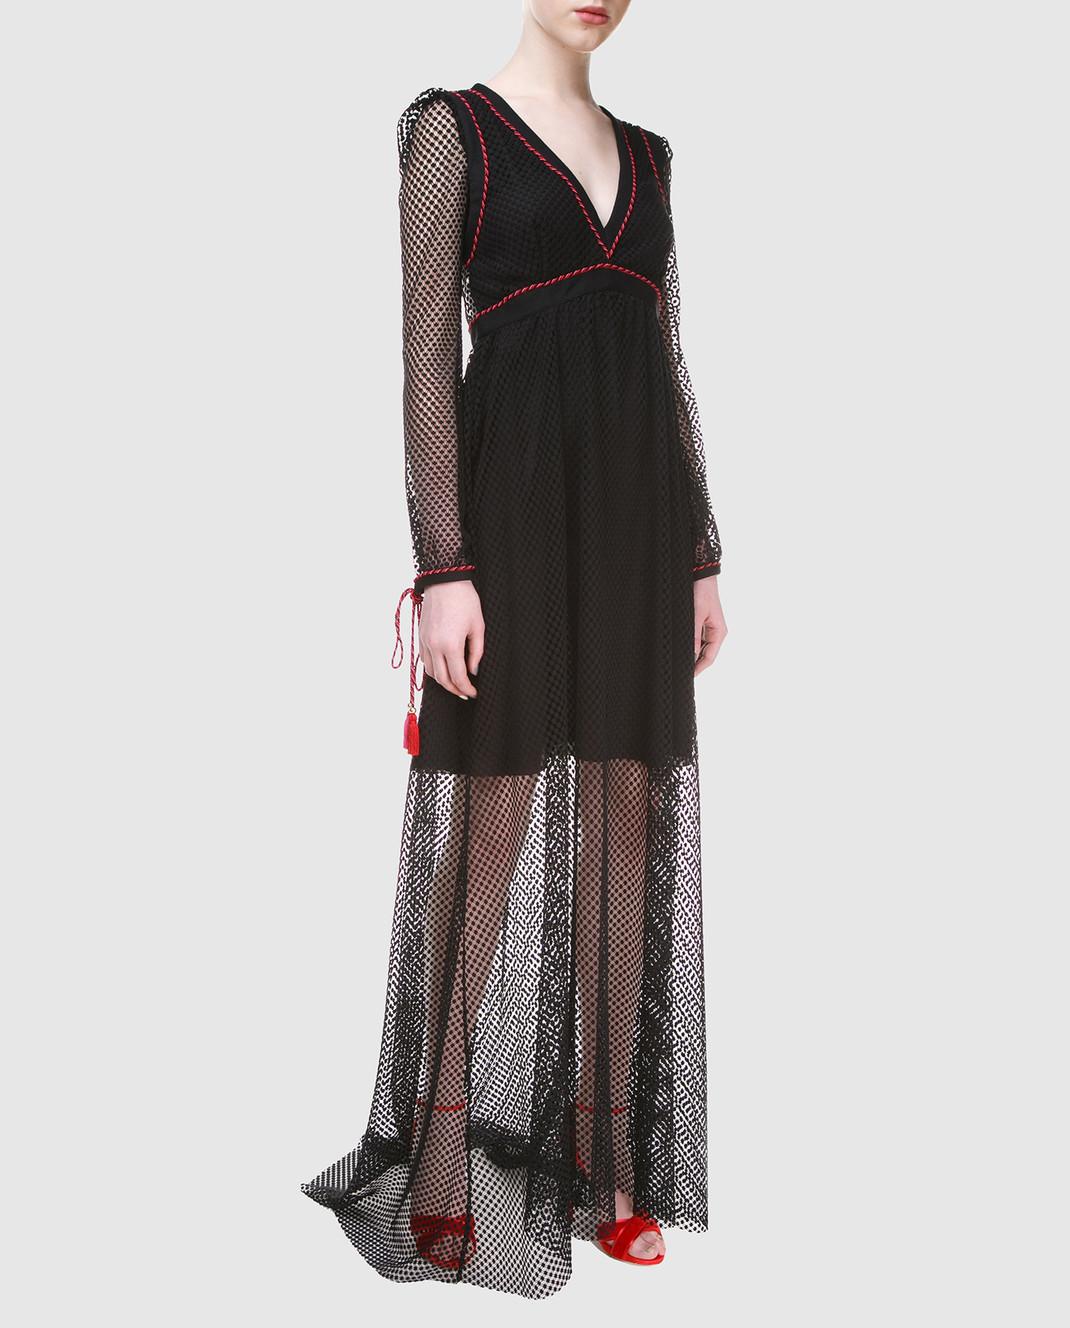 Philosophy di Lorenzo Serafini Черное платье A0441 изображение 3